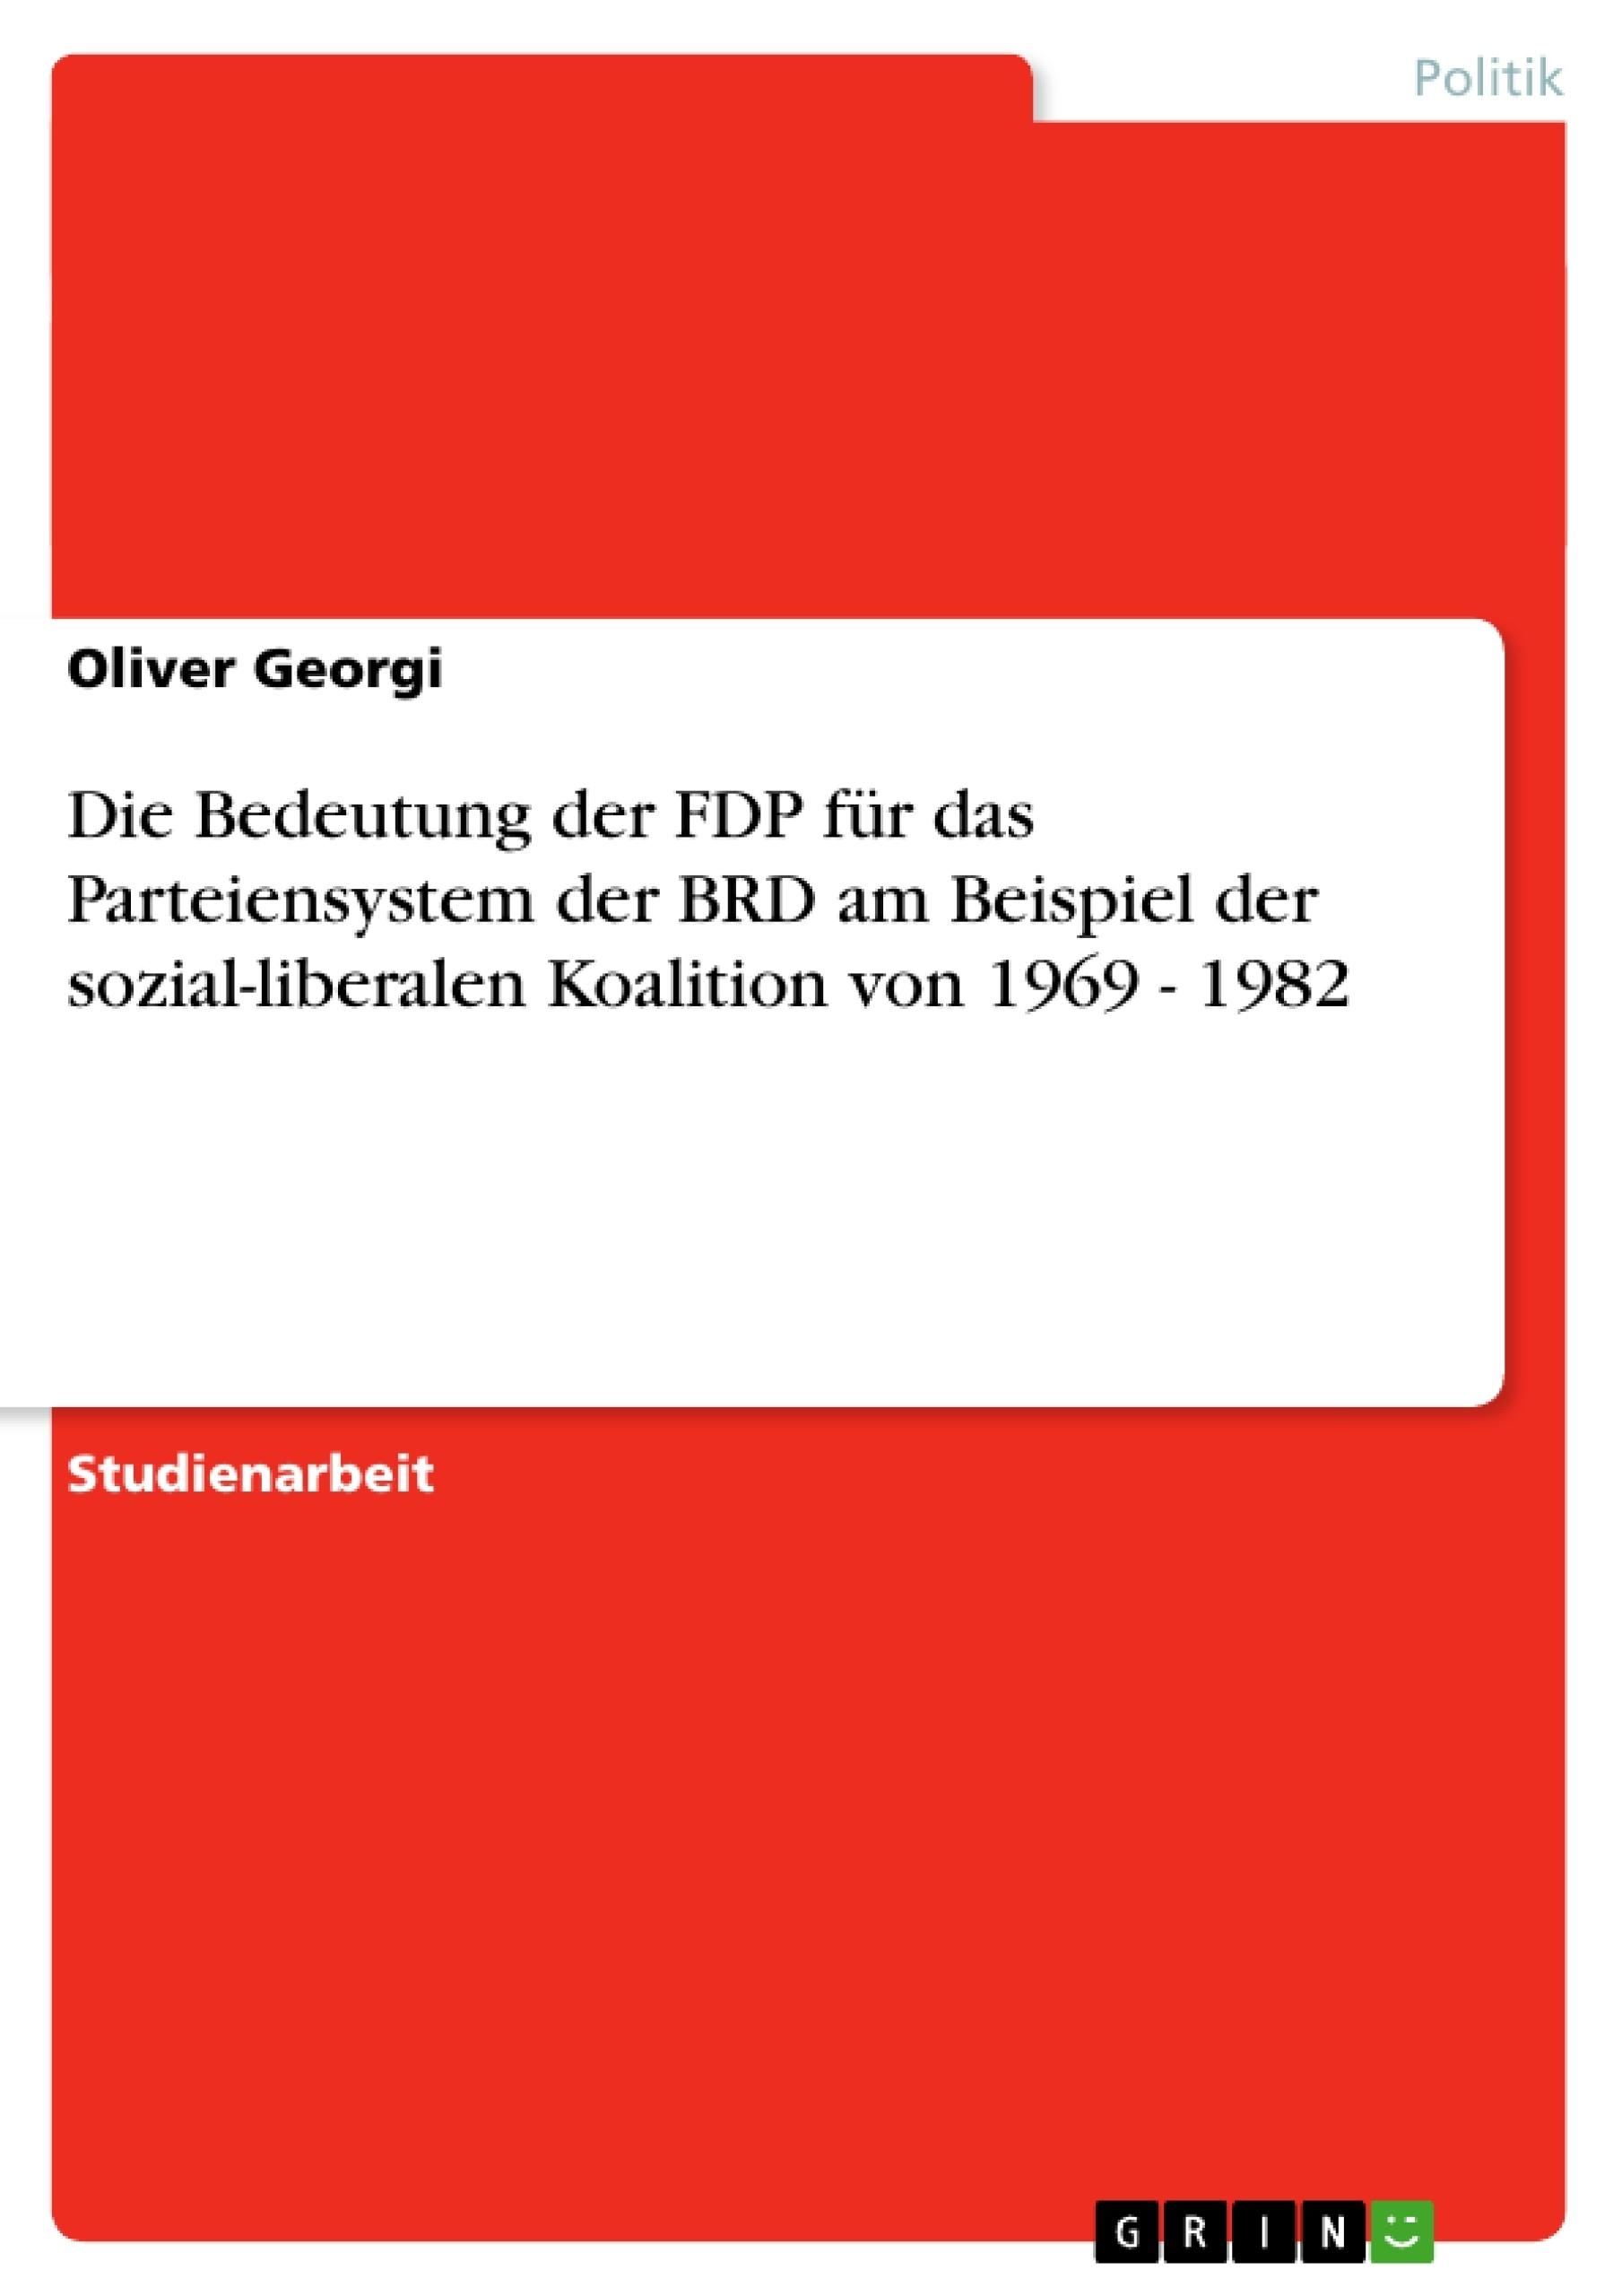 Titel: Die Bedeutung der FDP für das Parteiensystem der BRD am Beispiel der sozial-liberalen Koalition von 1969 - 1982